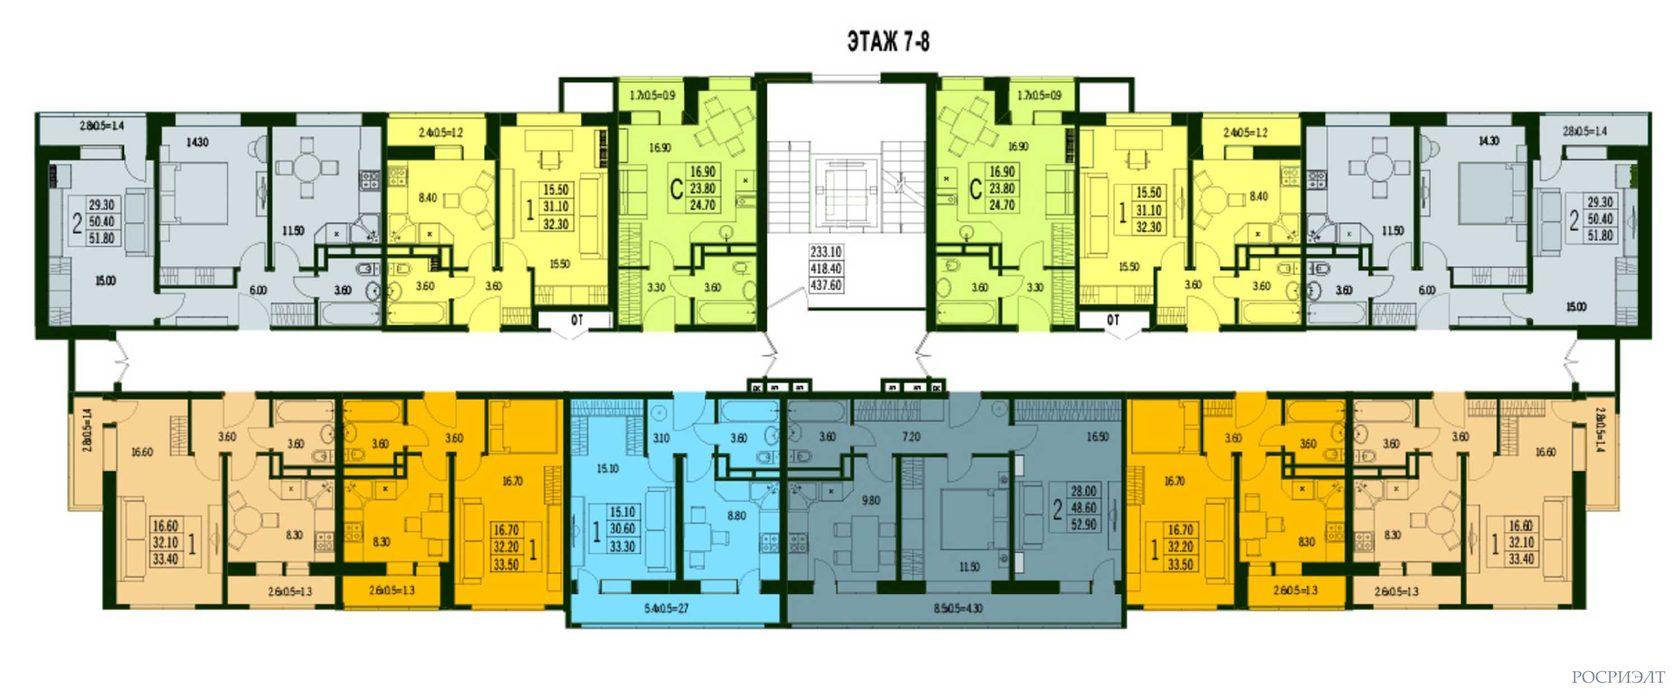 планировки 7-8 этаж ЖК Марсель 2 в Краснодаре